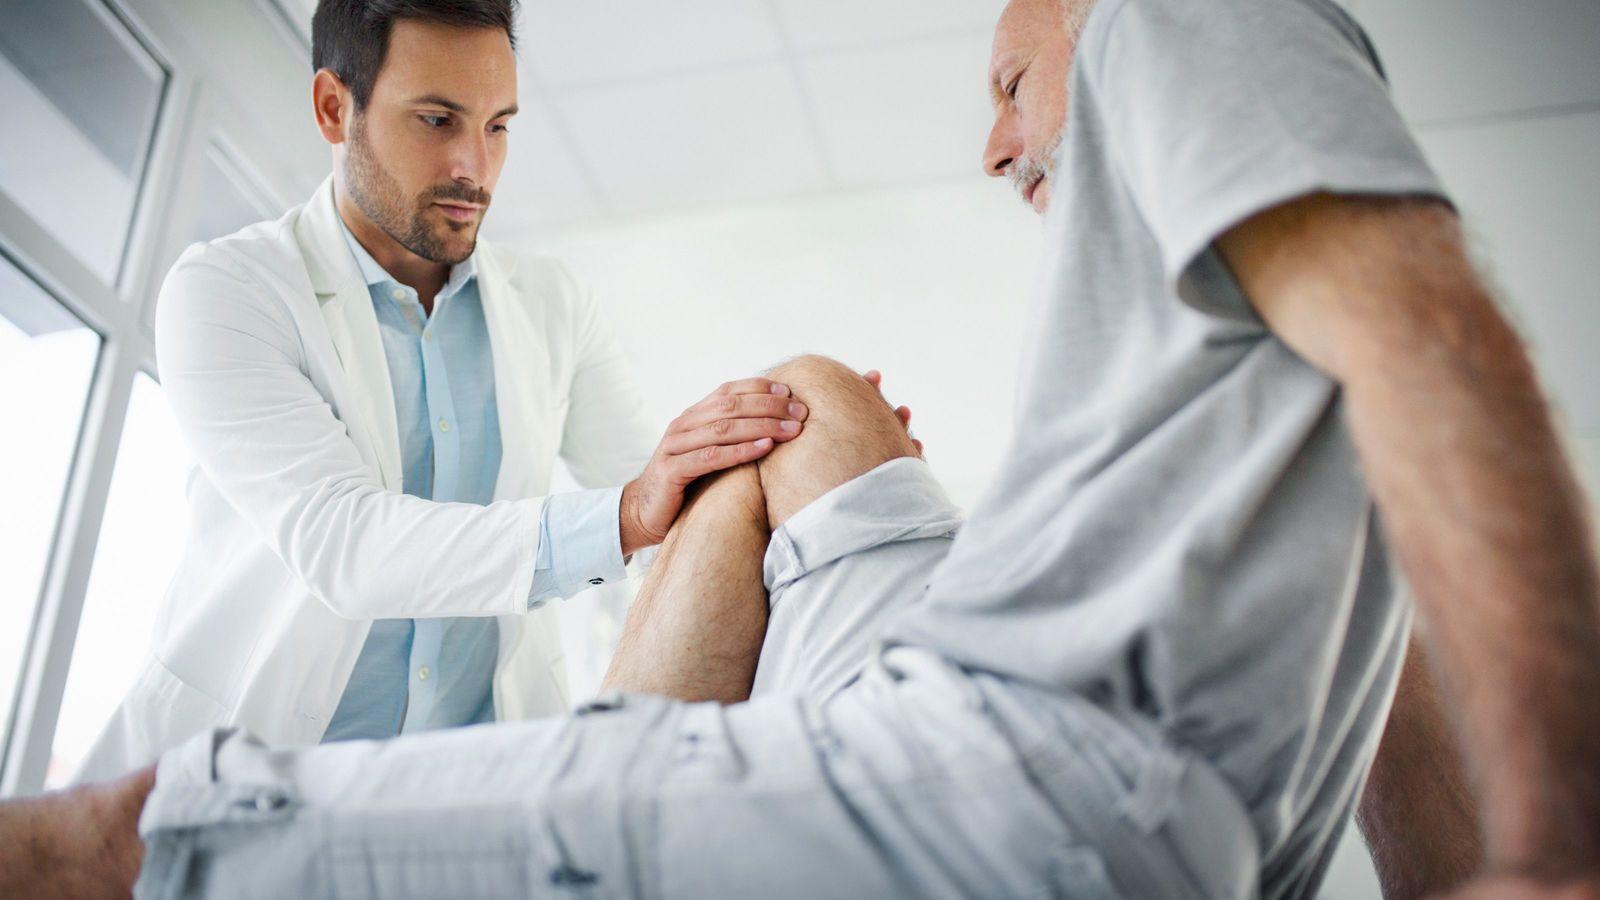 「膝の痛みは筋力をつけて治しなさい」は大ウソ 階段上り下りで軟骨がすり減る人も